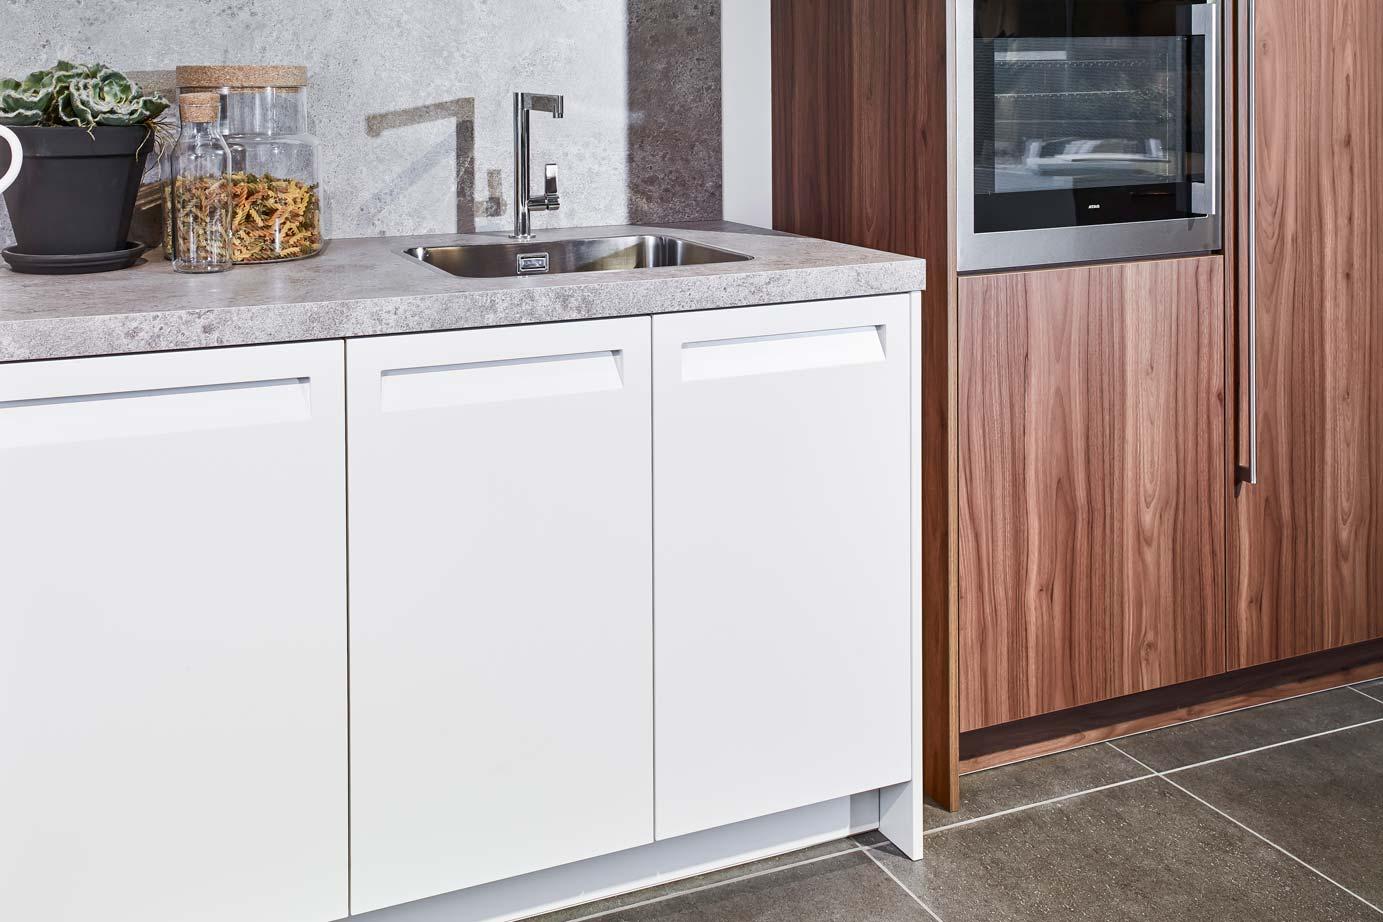 Keuken Wandkast 8 : Rechte keuken met kast bekijk alle foto s en prijzen online db